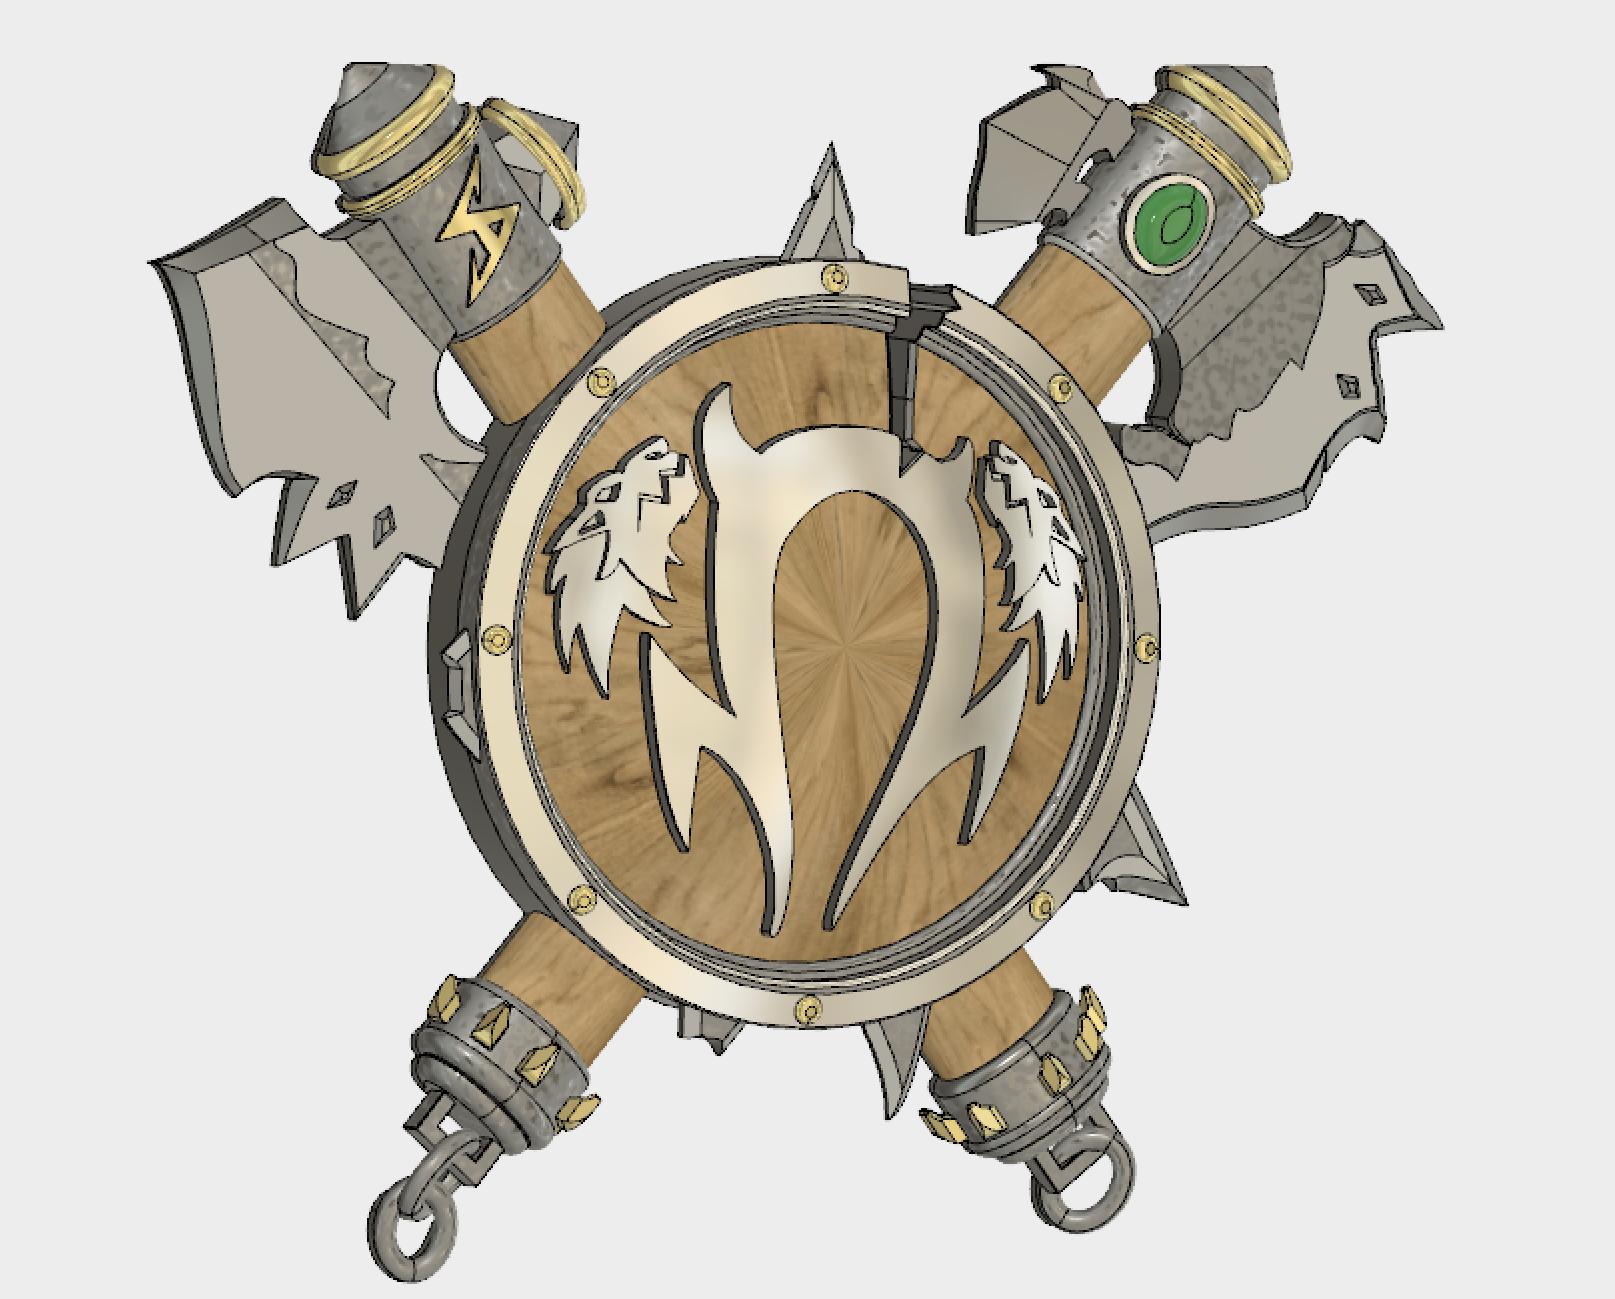 Telecharger Fichier Stl Warcraft 3 Bouclier Orque Pour La Horde World Of Warcraft Bouclier Et Axes Orc Sigil Plan A Imprimer En 3d Cults